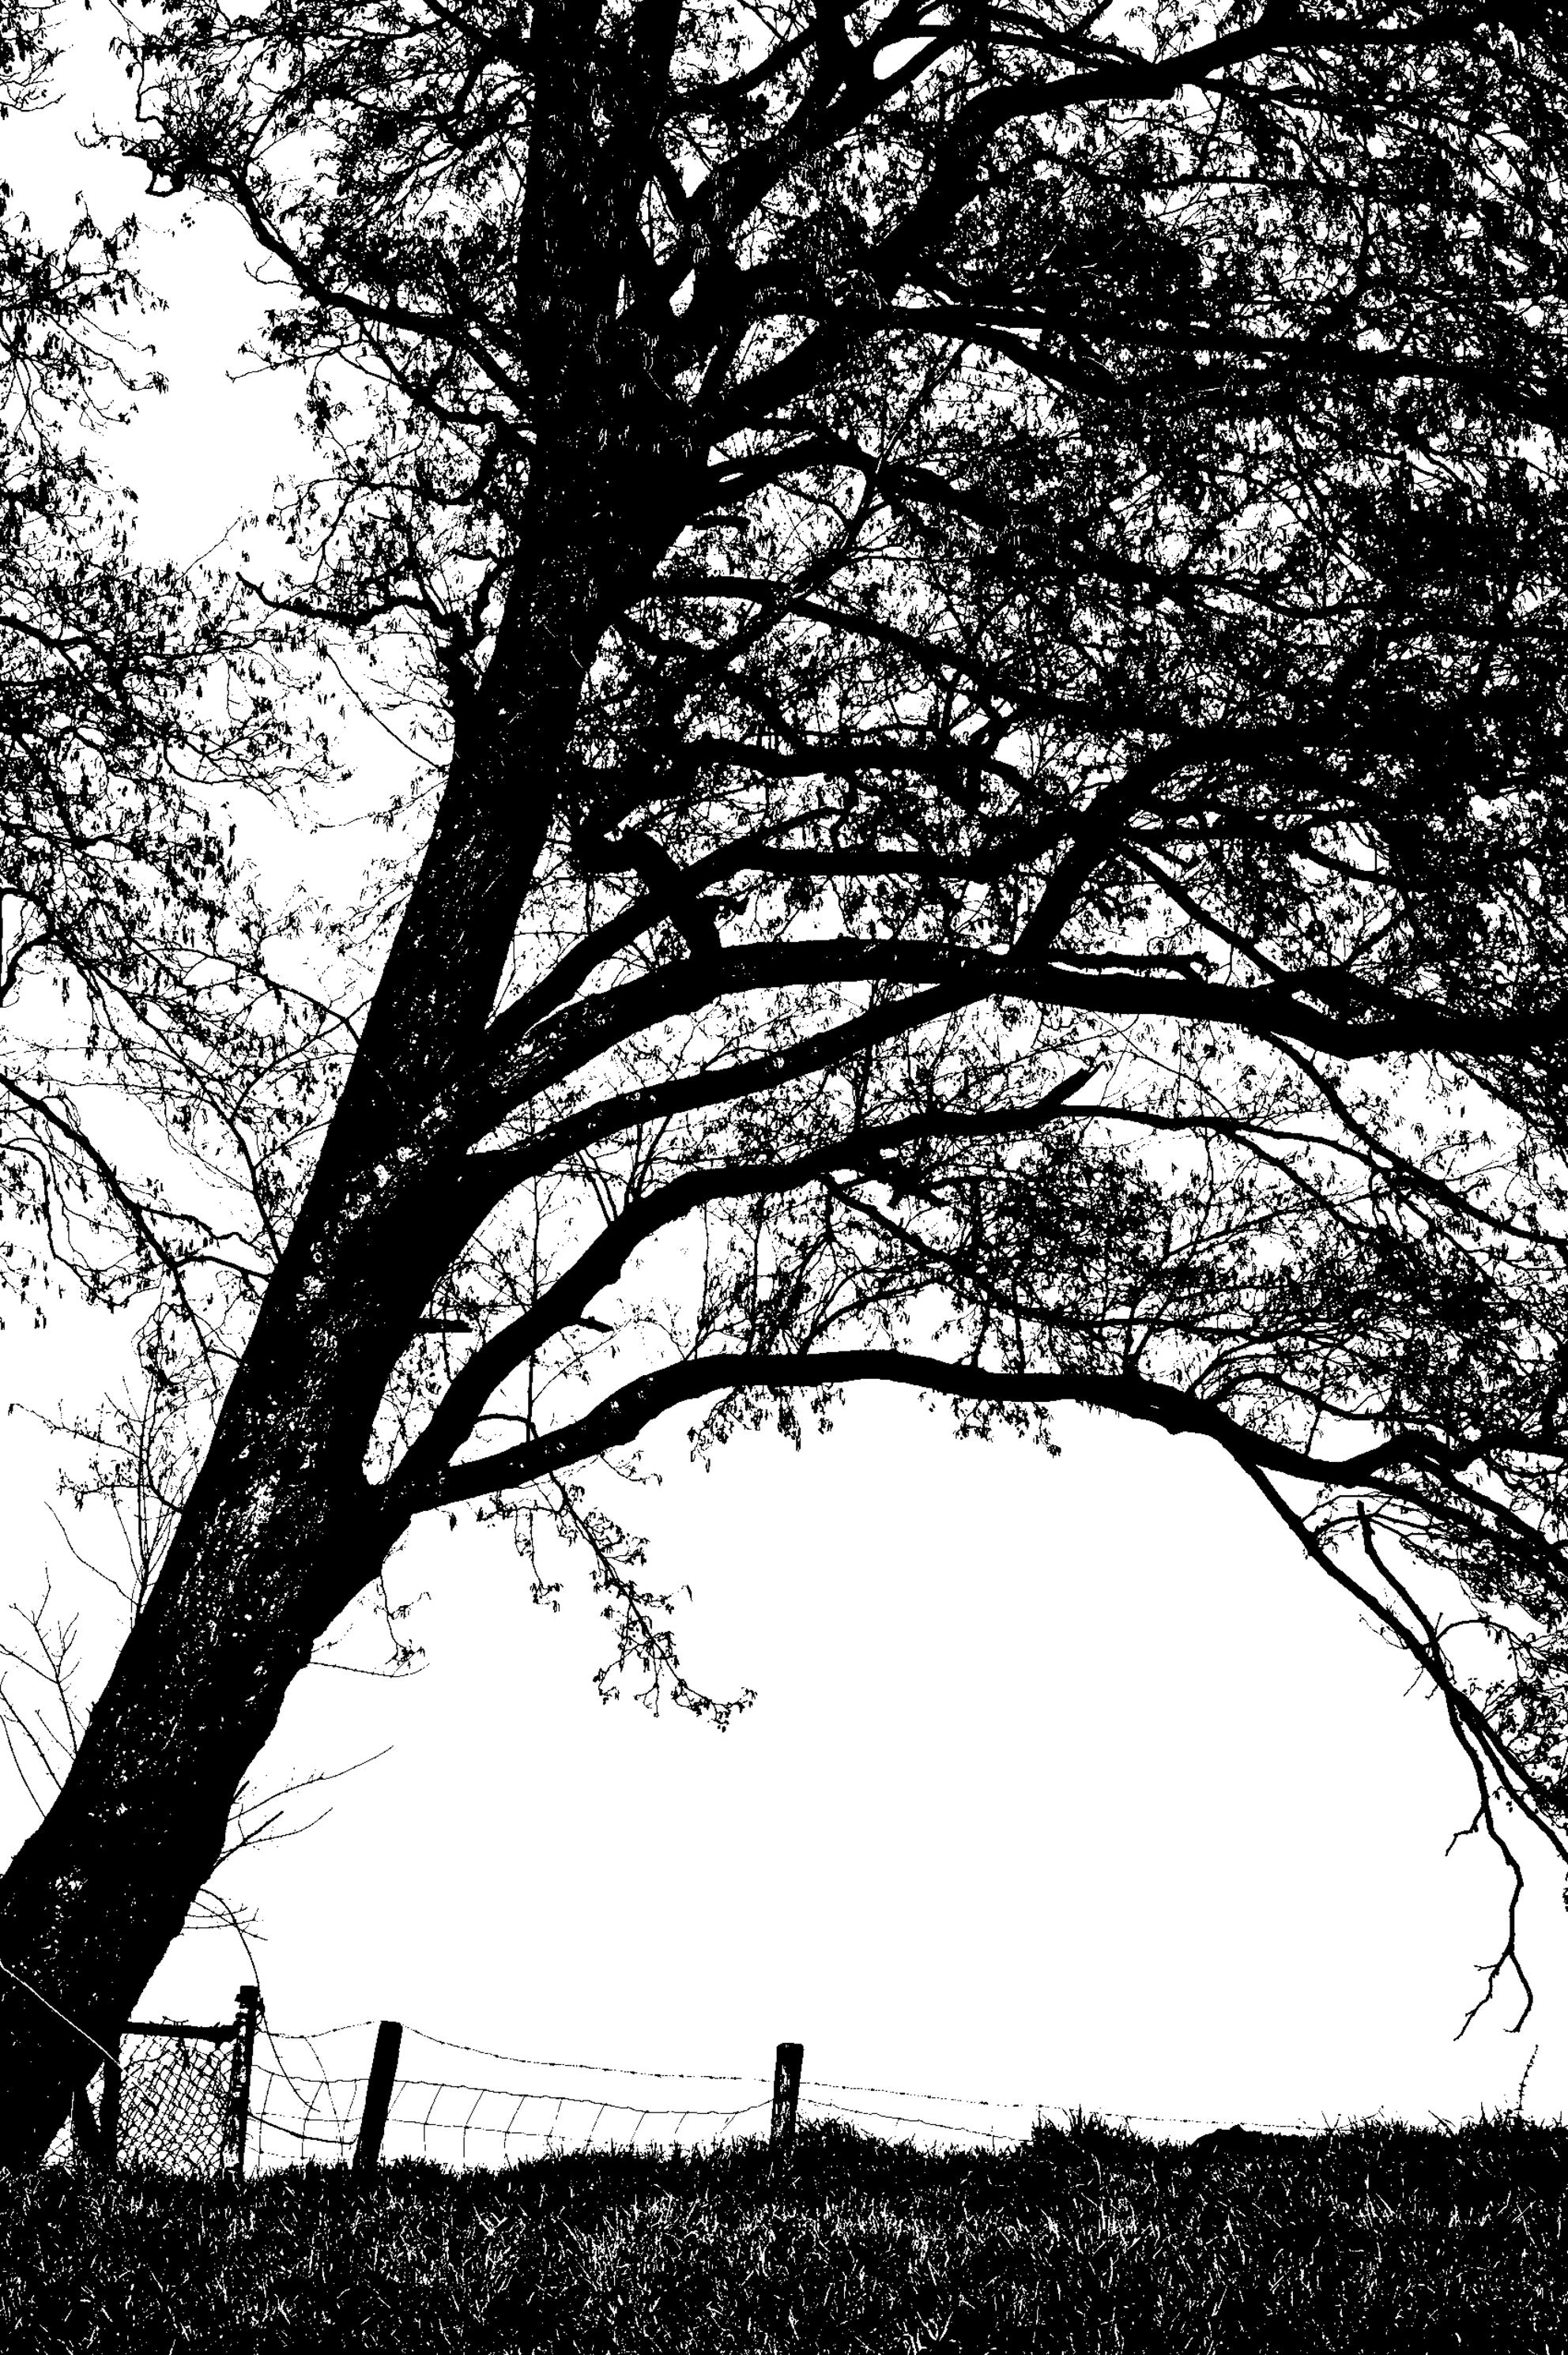 boom - Alle zoomers, zoomvrienden en -volgers, bedankt voor de waardering, tips en aandachtspunten op mijn vorige uploads - foto door PaulvanVliet op 08-04-2021 - locatie: Meerpolder, Zoetermeer, Nederland - deze foto bevat: polder, dijk, boom, hek, zwart wit, monochroom, zoetermeer, meerpolderdijk, buytenwegh, blad, wereld, natuurlijk landschap, plantkunde, takje, lucht, mensen in de natuur, boom, kofferbak, vegetatie